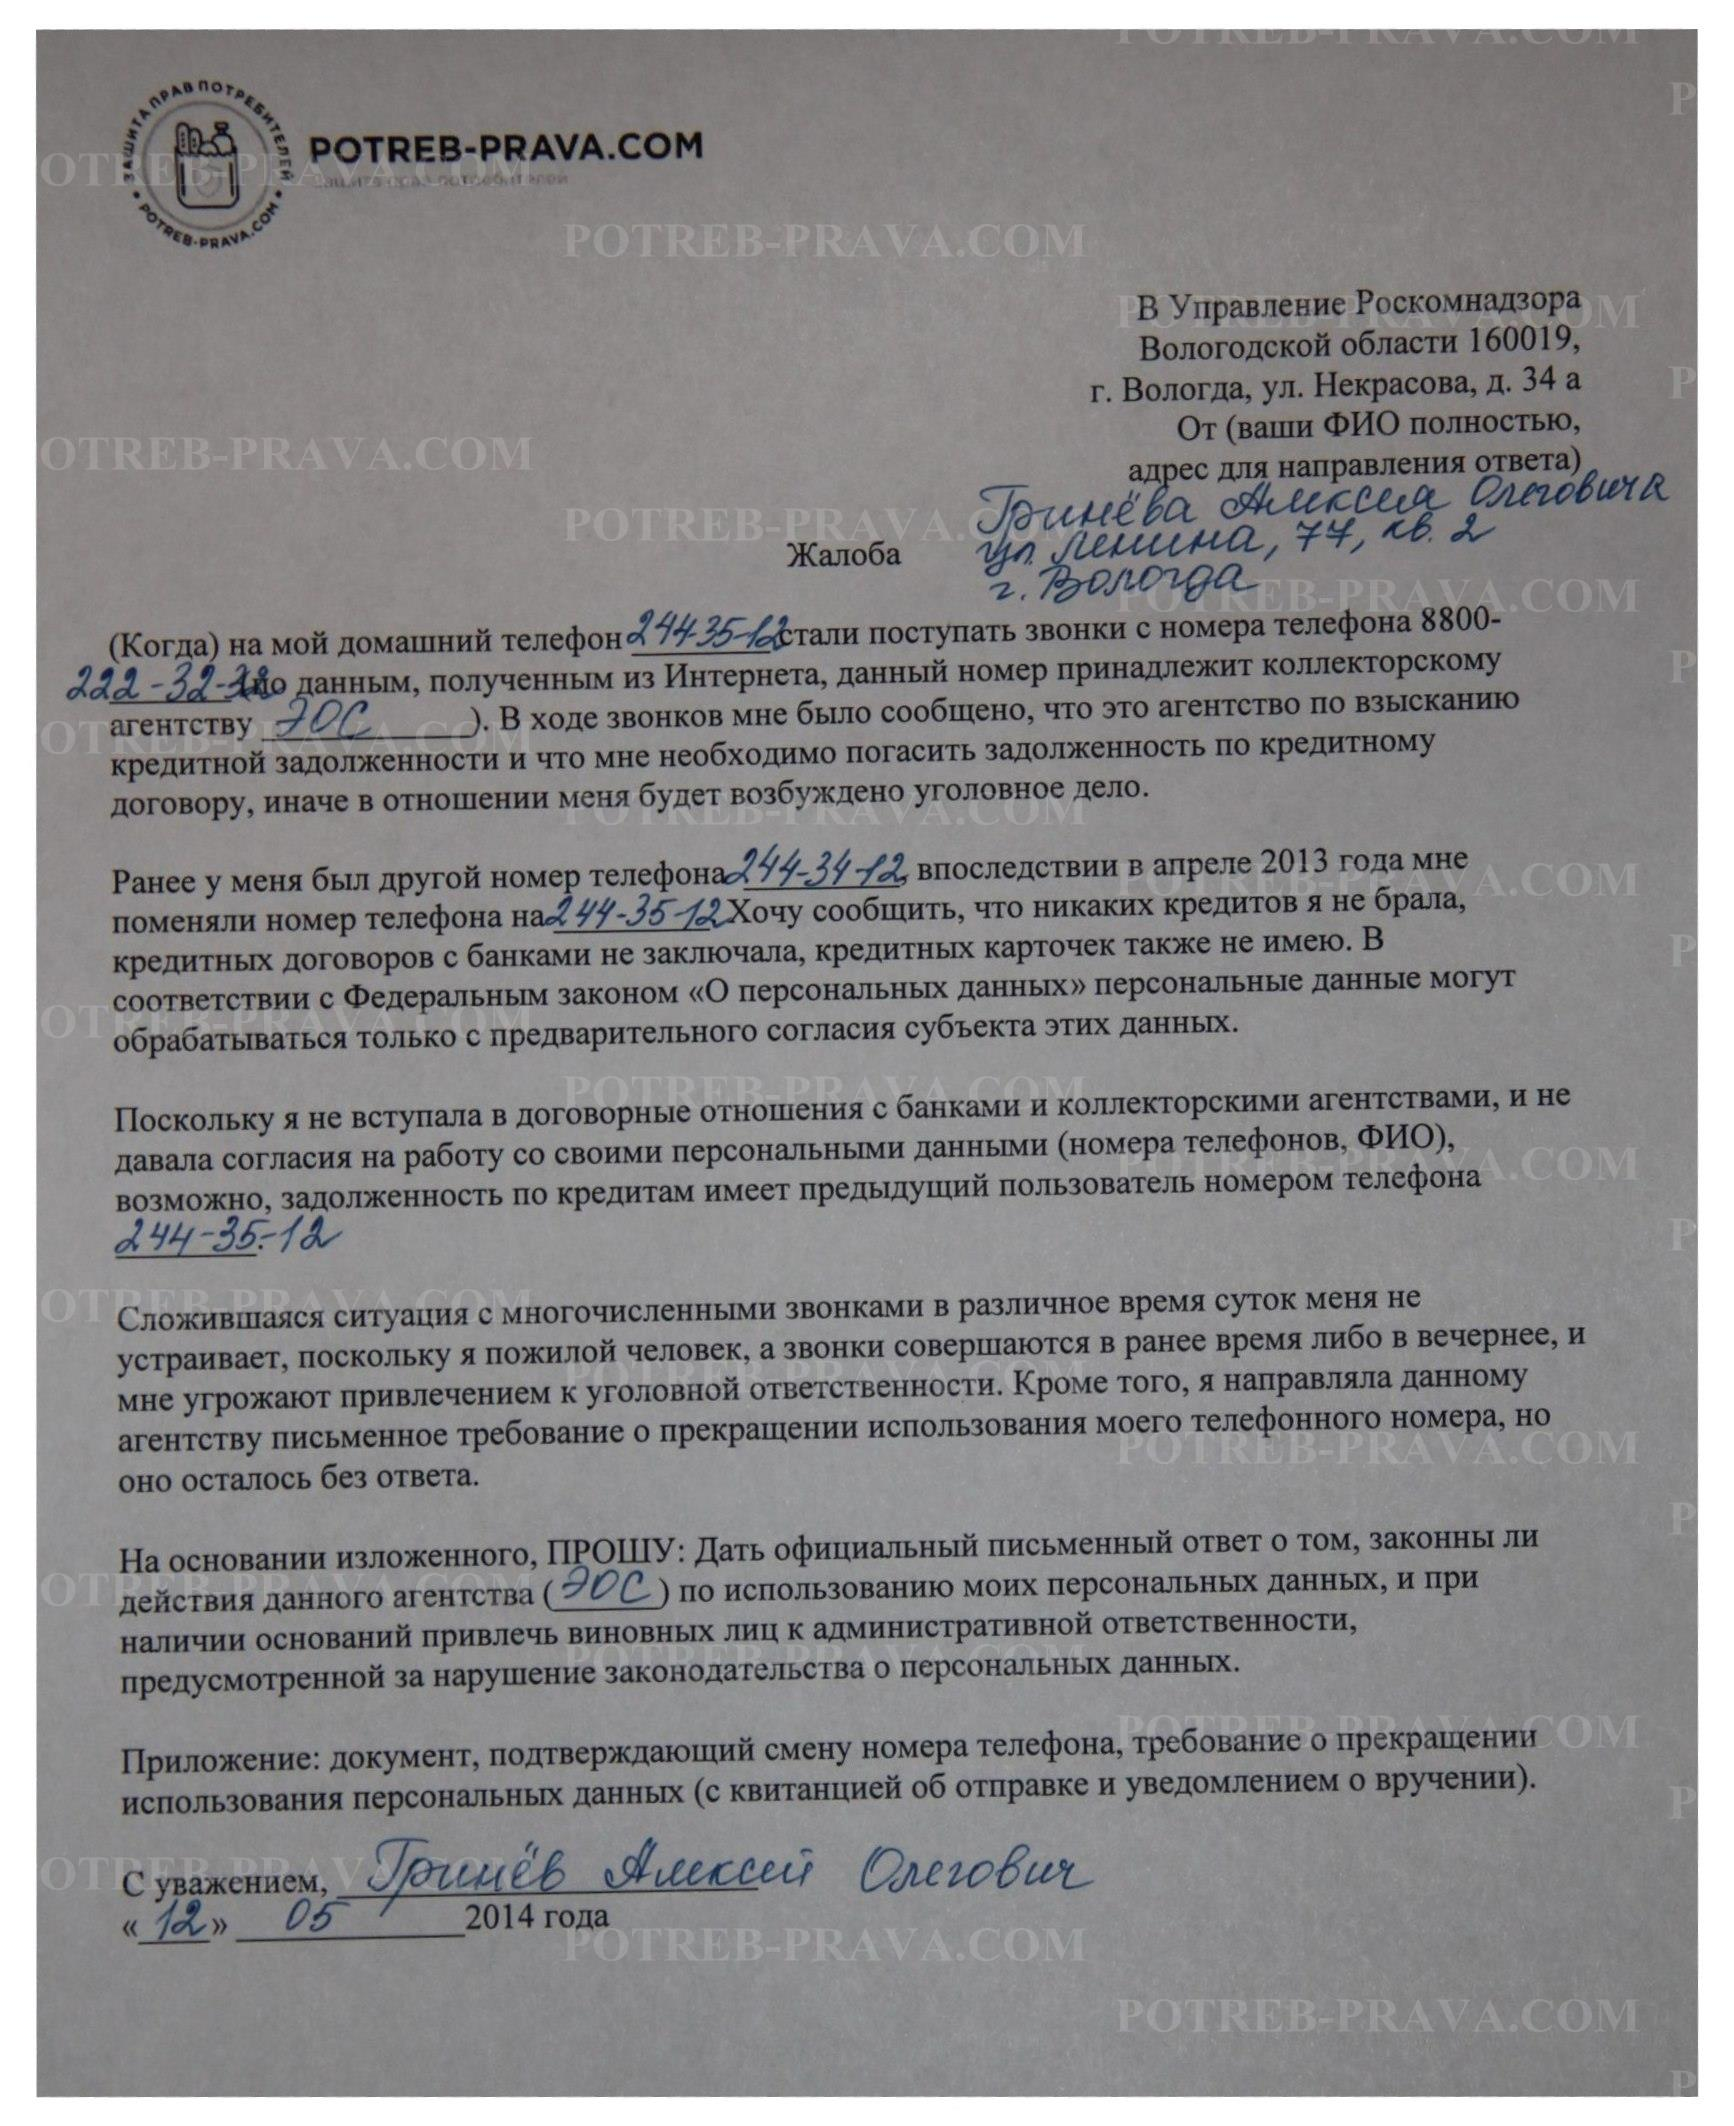 Пример заполнения жалобы в Роскомнадзор на банк